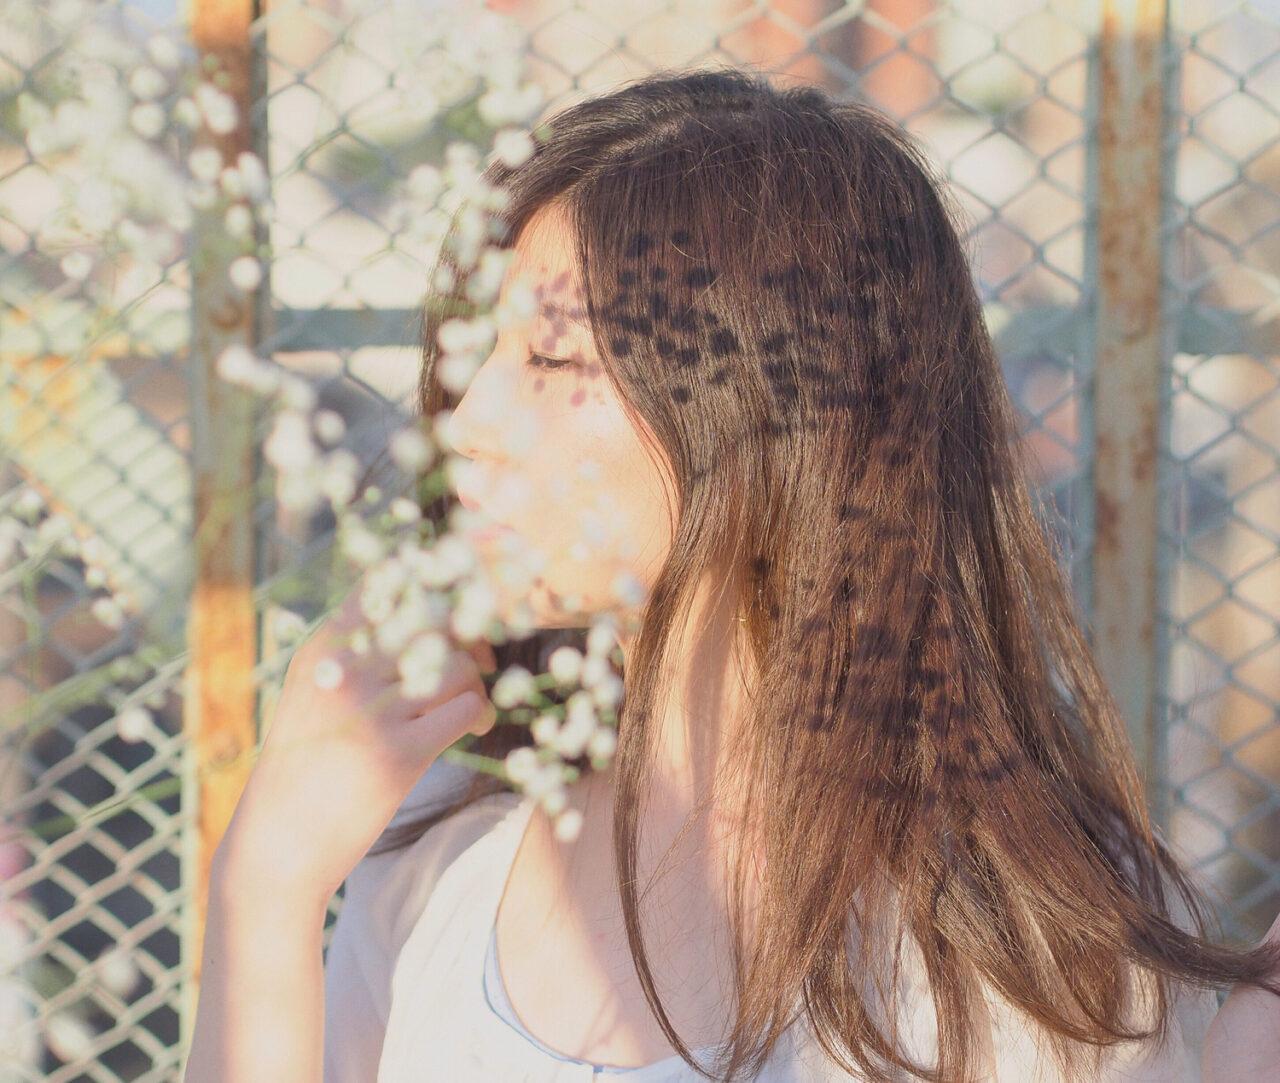 恋は甘く、切なく、美しい。思わず恋がしたくなるイチ推しの恋愛映画10選